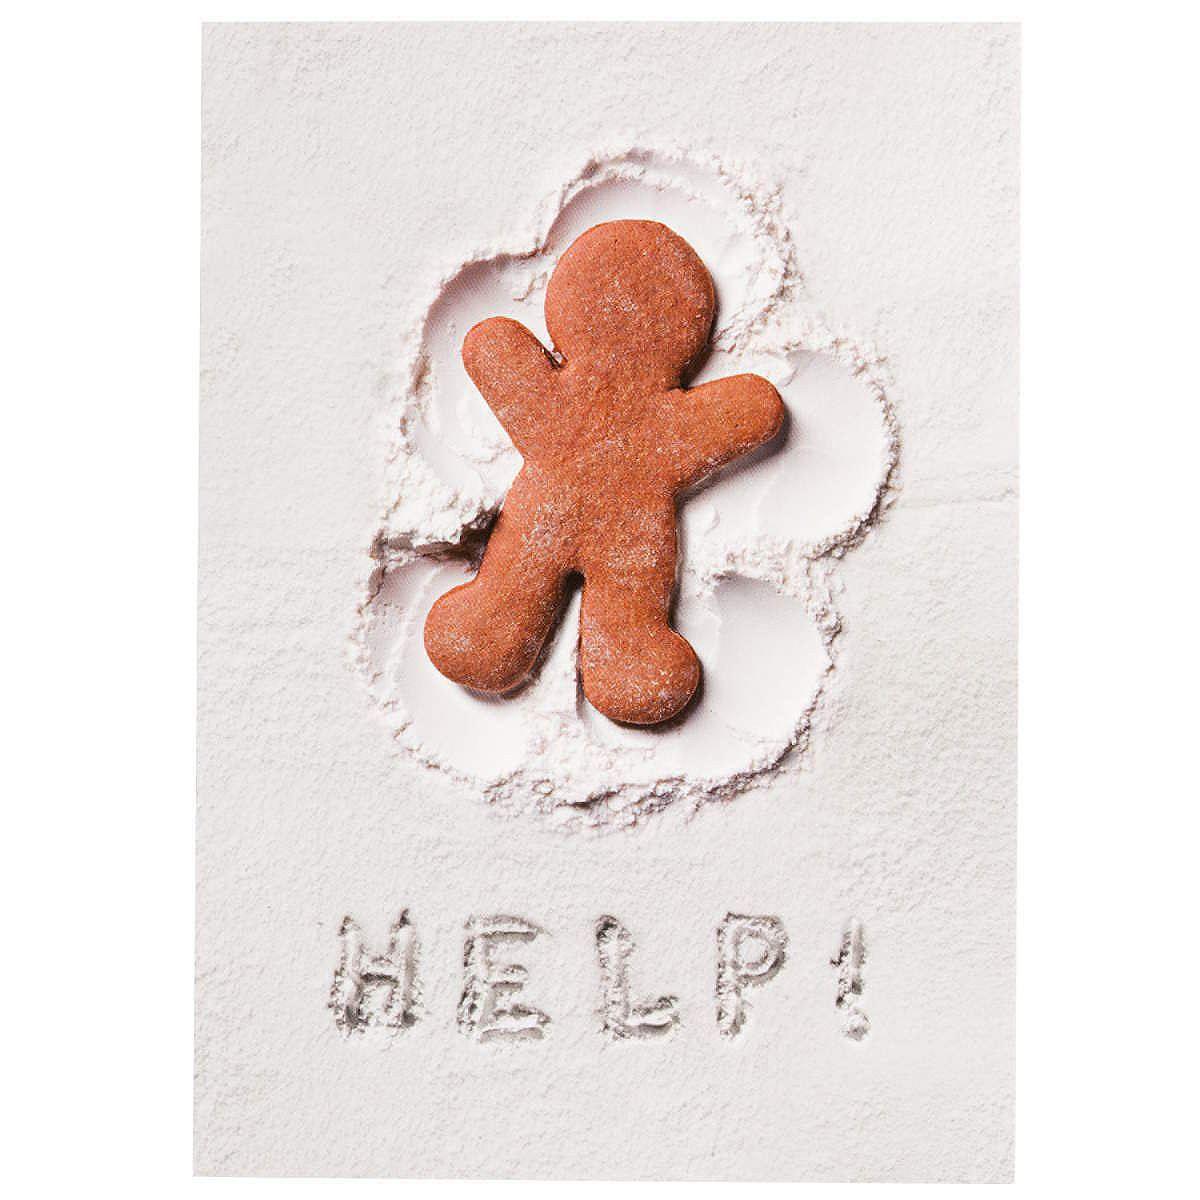 CARD Postkarte Lebkuchenmann HELP!    E-Mails sind schön und gut. Aber Grüße, die von Herzen kommen, kann eine handgeschriebene Karte viel stilvoller überbringen. Klassische Postkarte mit Vordruck auf der Rückseite. In verschiedenen Winter- bzw. Weihnachtsmotive erhältlich.    Größe: Breite 10,5 x Höhe 14,8 cm...